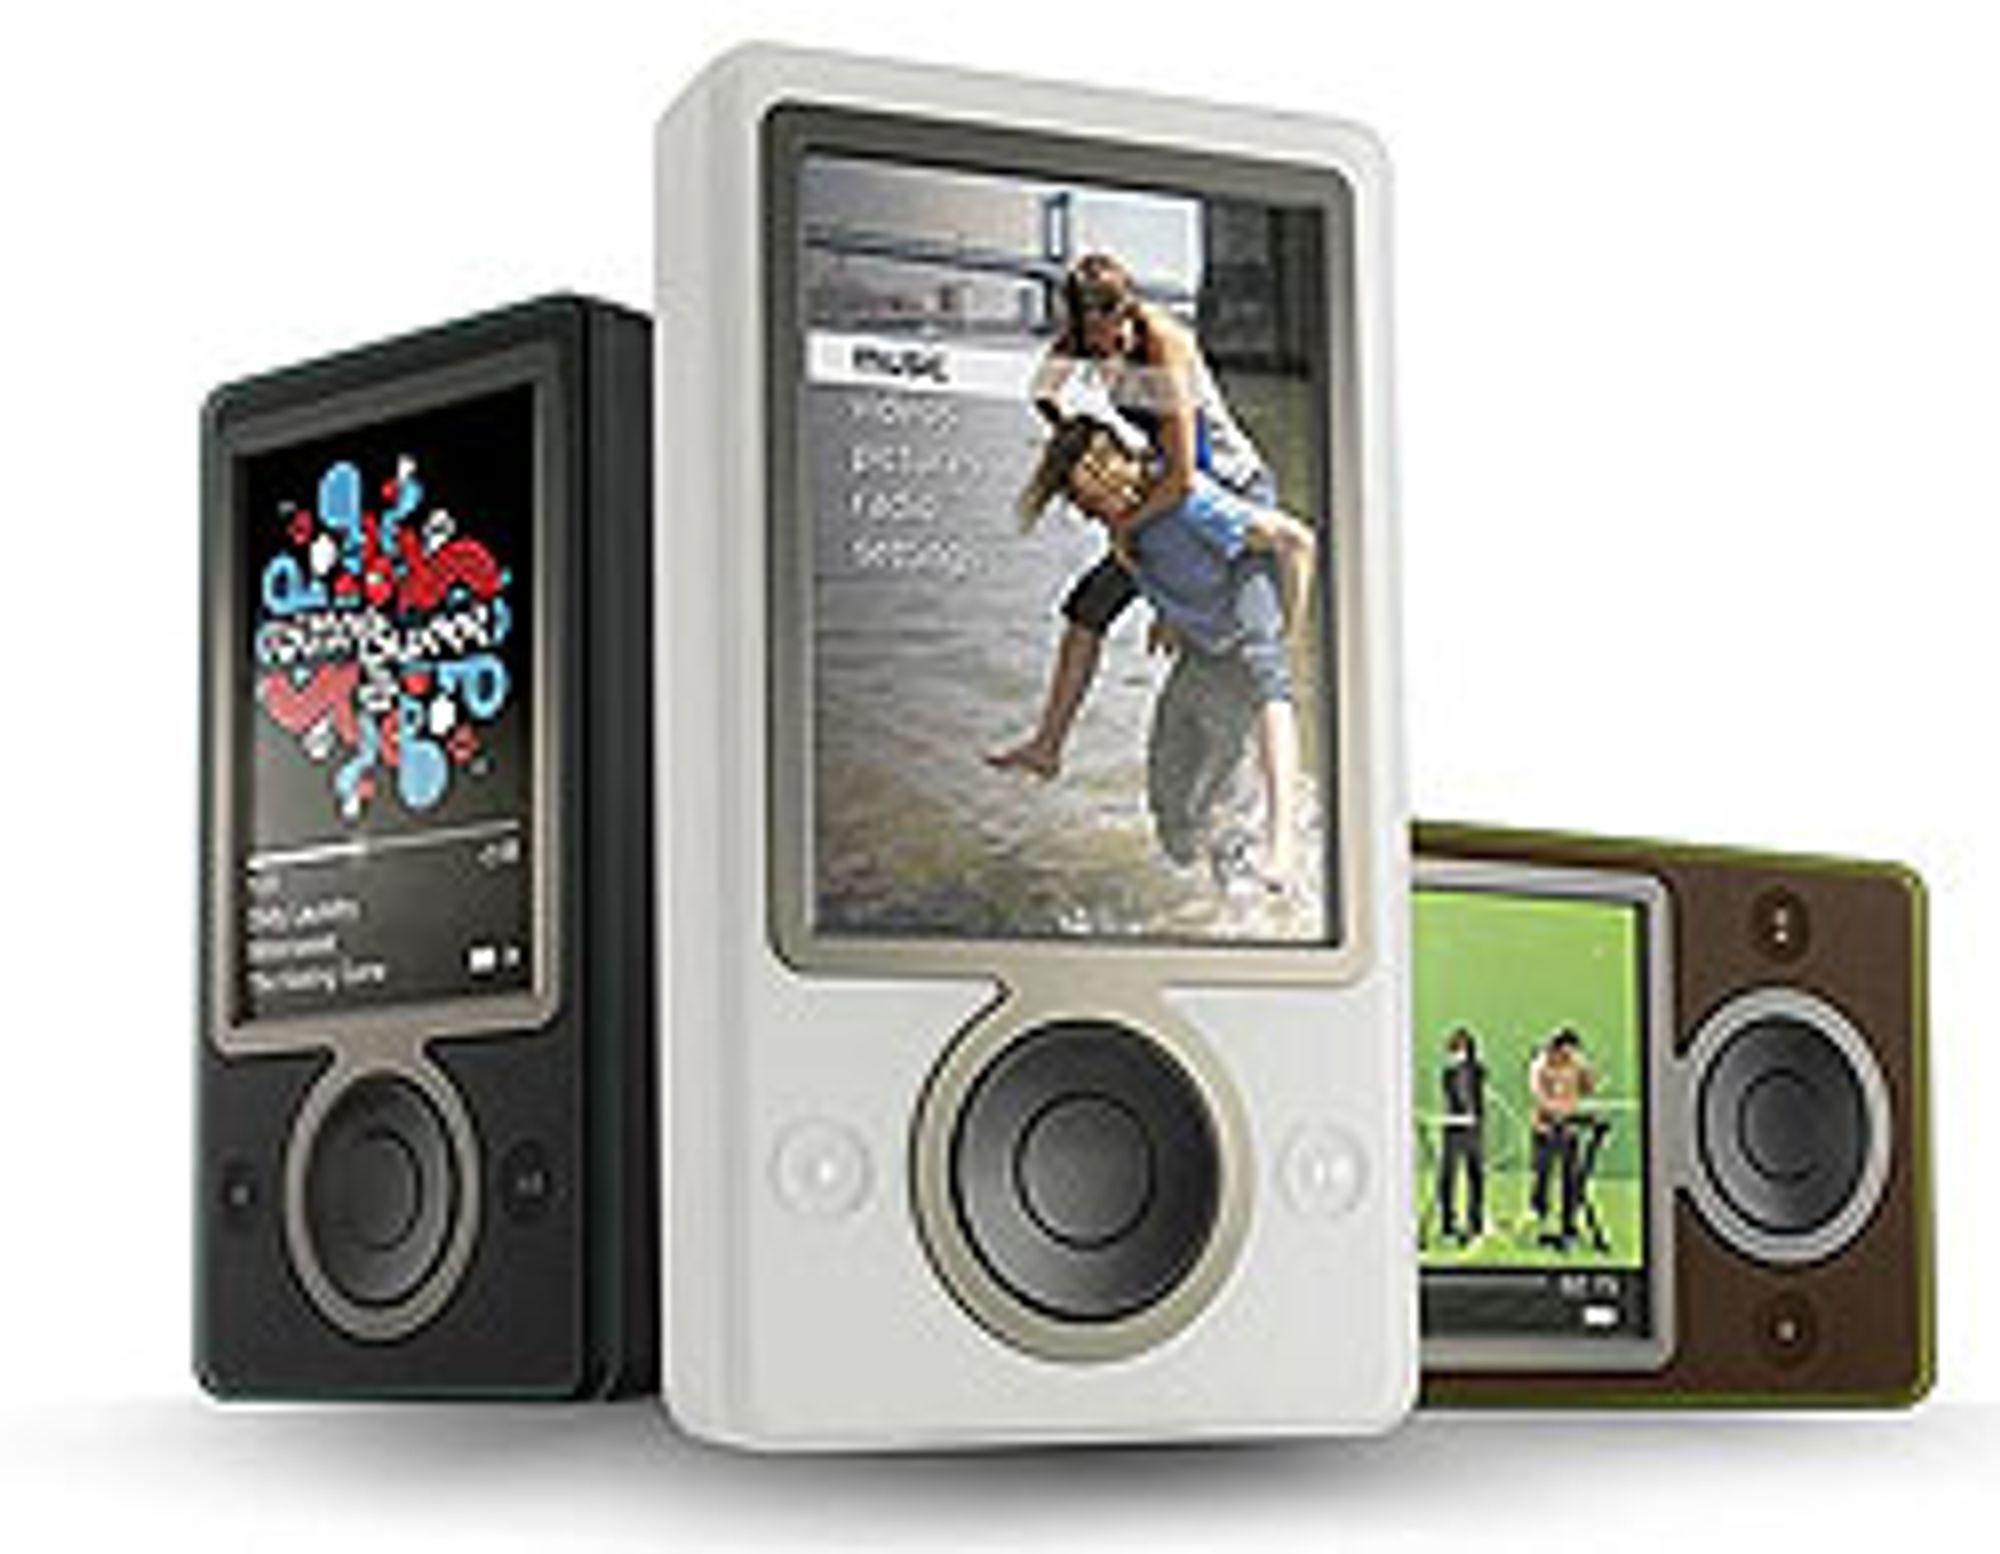 Microsoft Zune er den nyeste iPod-konkurrenten.